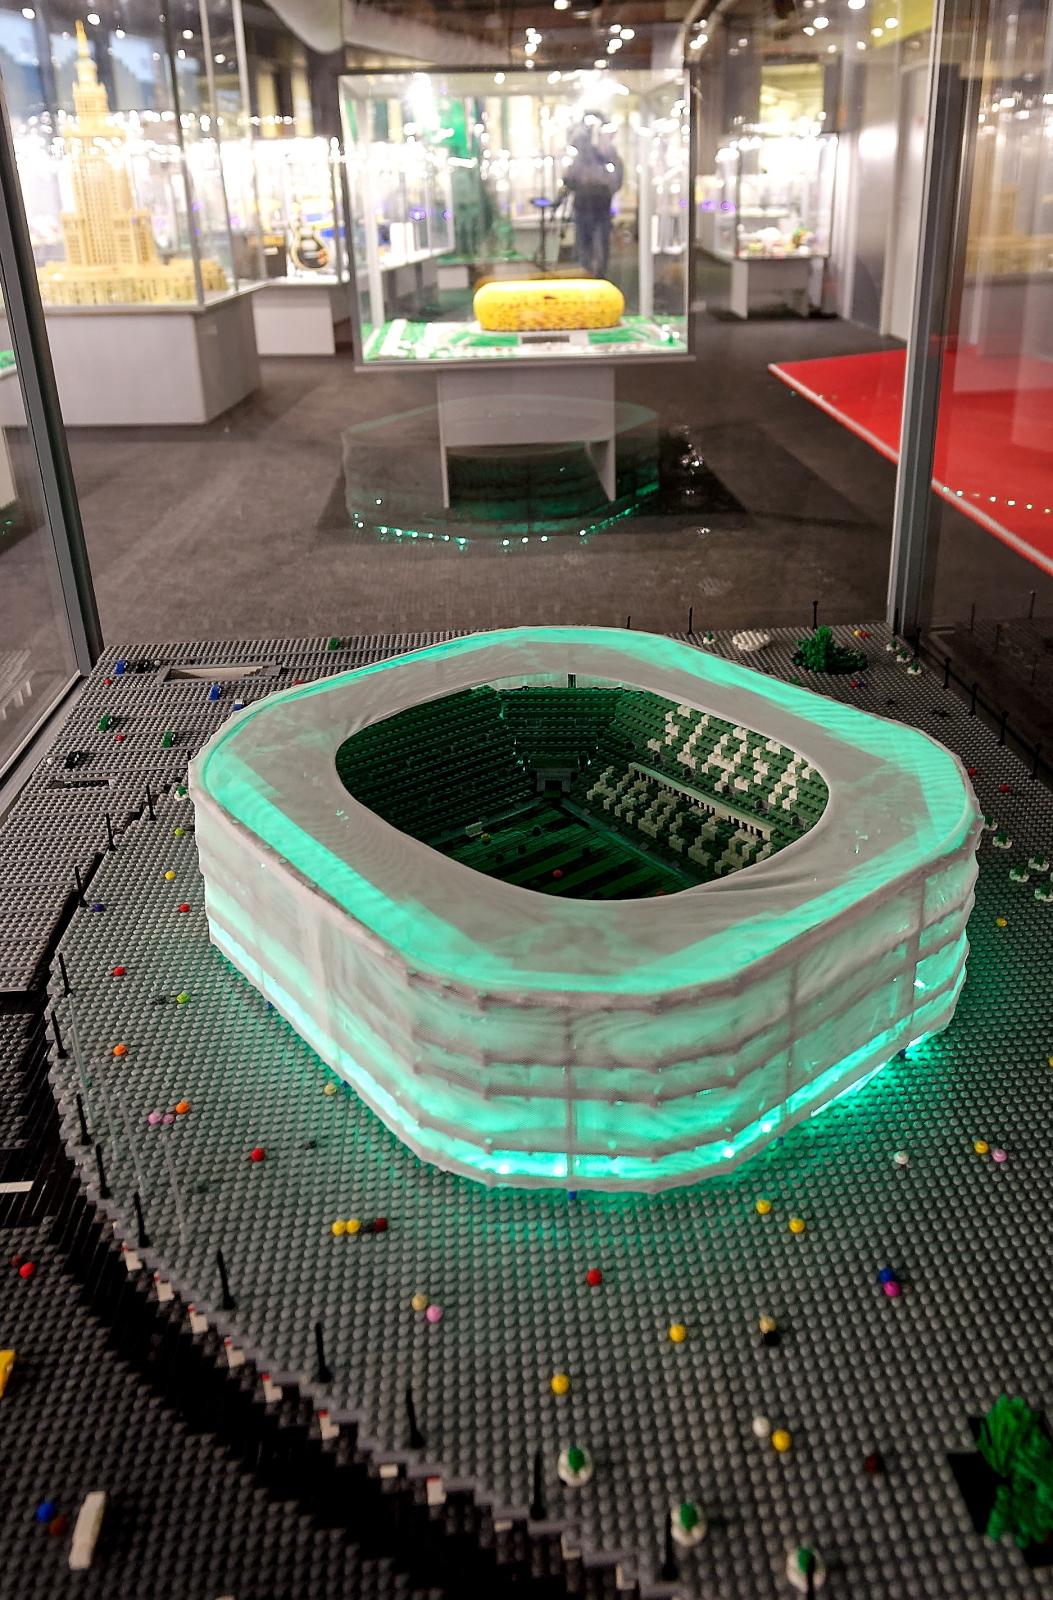 Stadion Wrocław na wystawie budowli z klocków Lego, którą otwarto na Stadionie Wrocław.